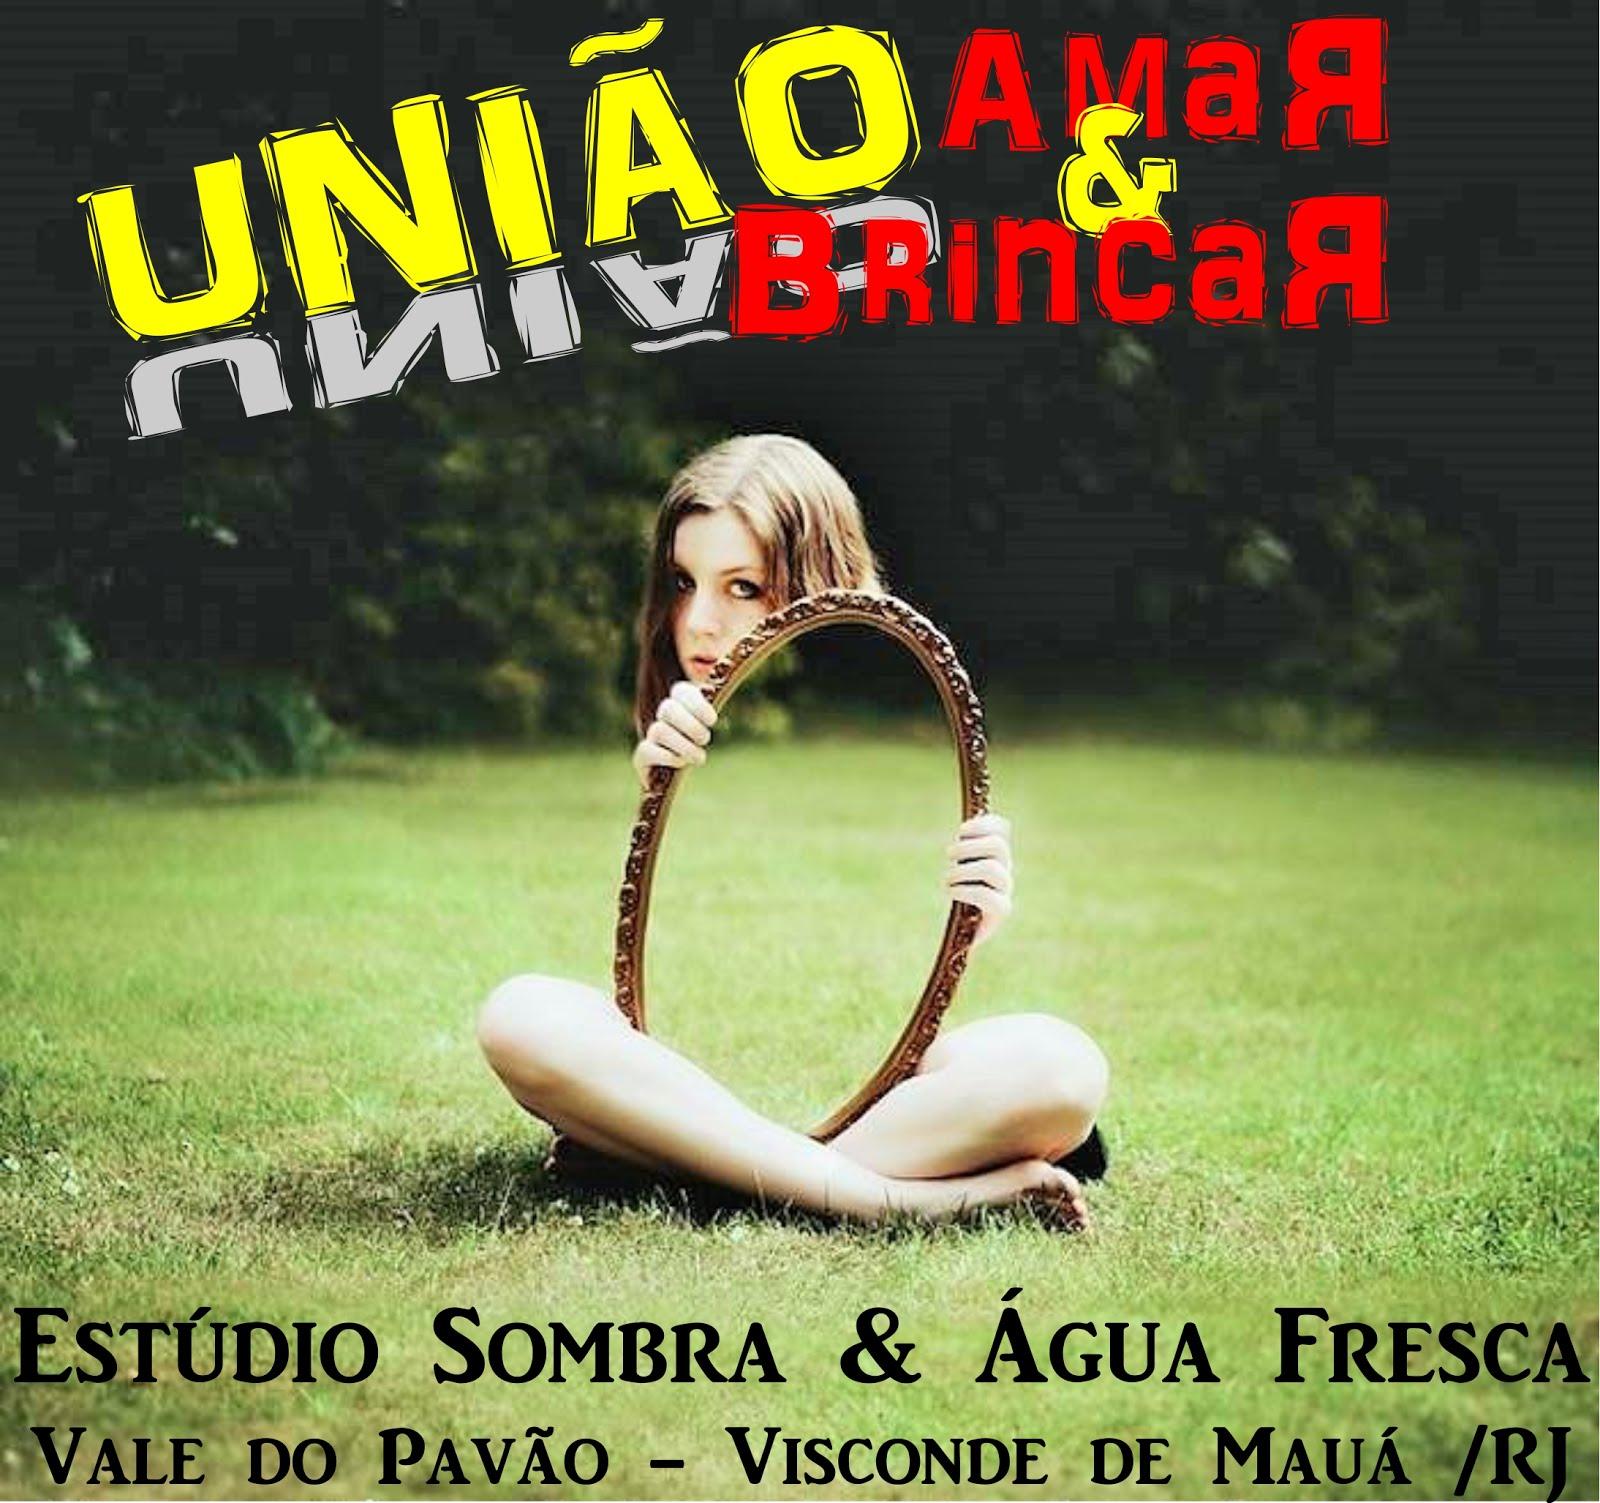 UNIÃO - AmaR & BrincaR